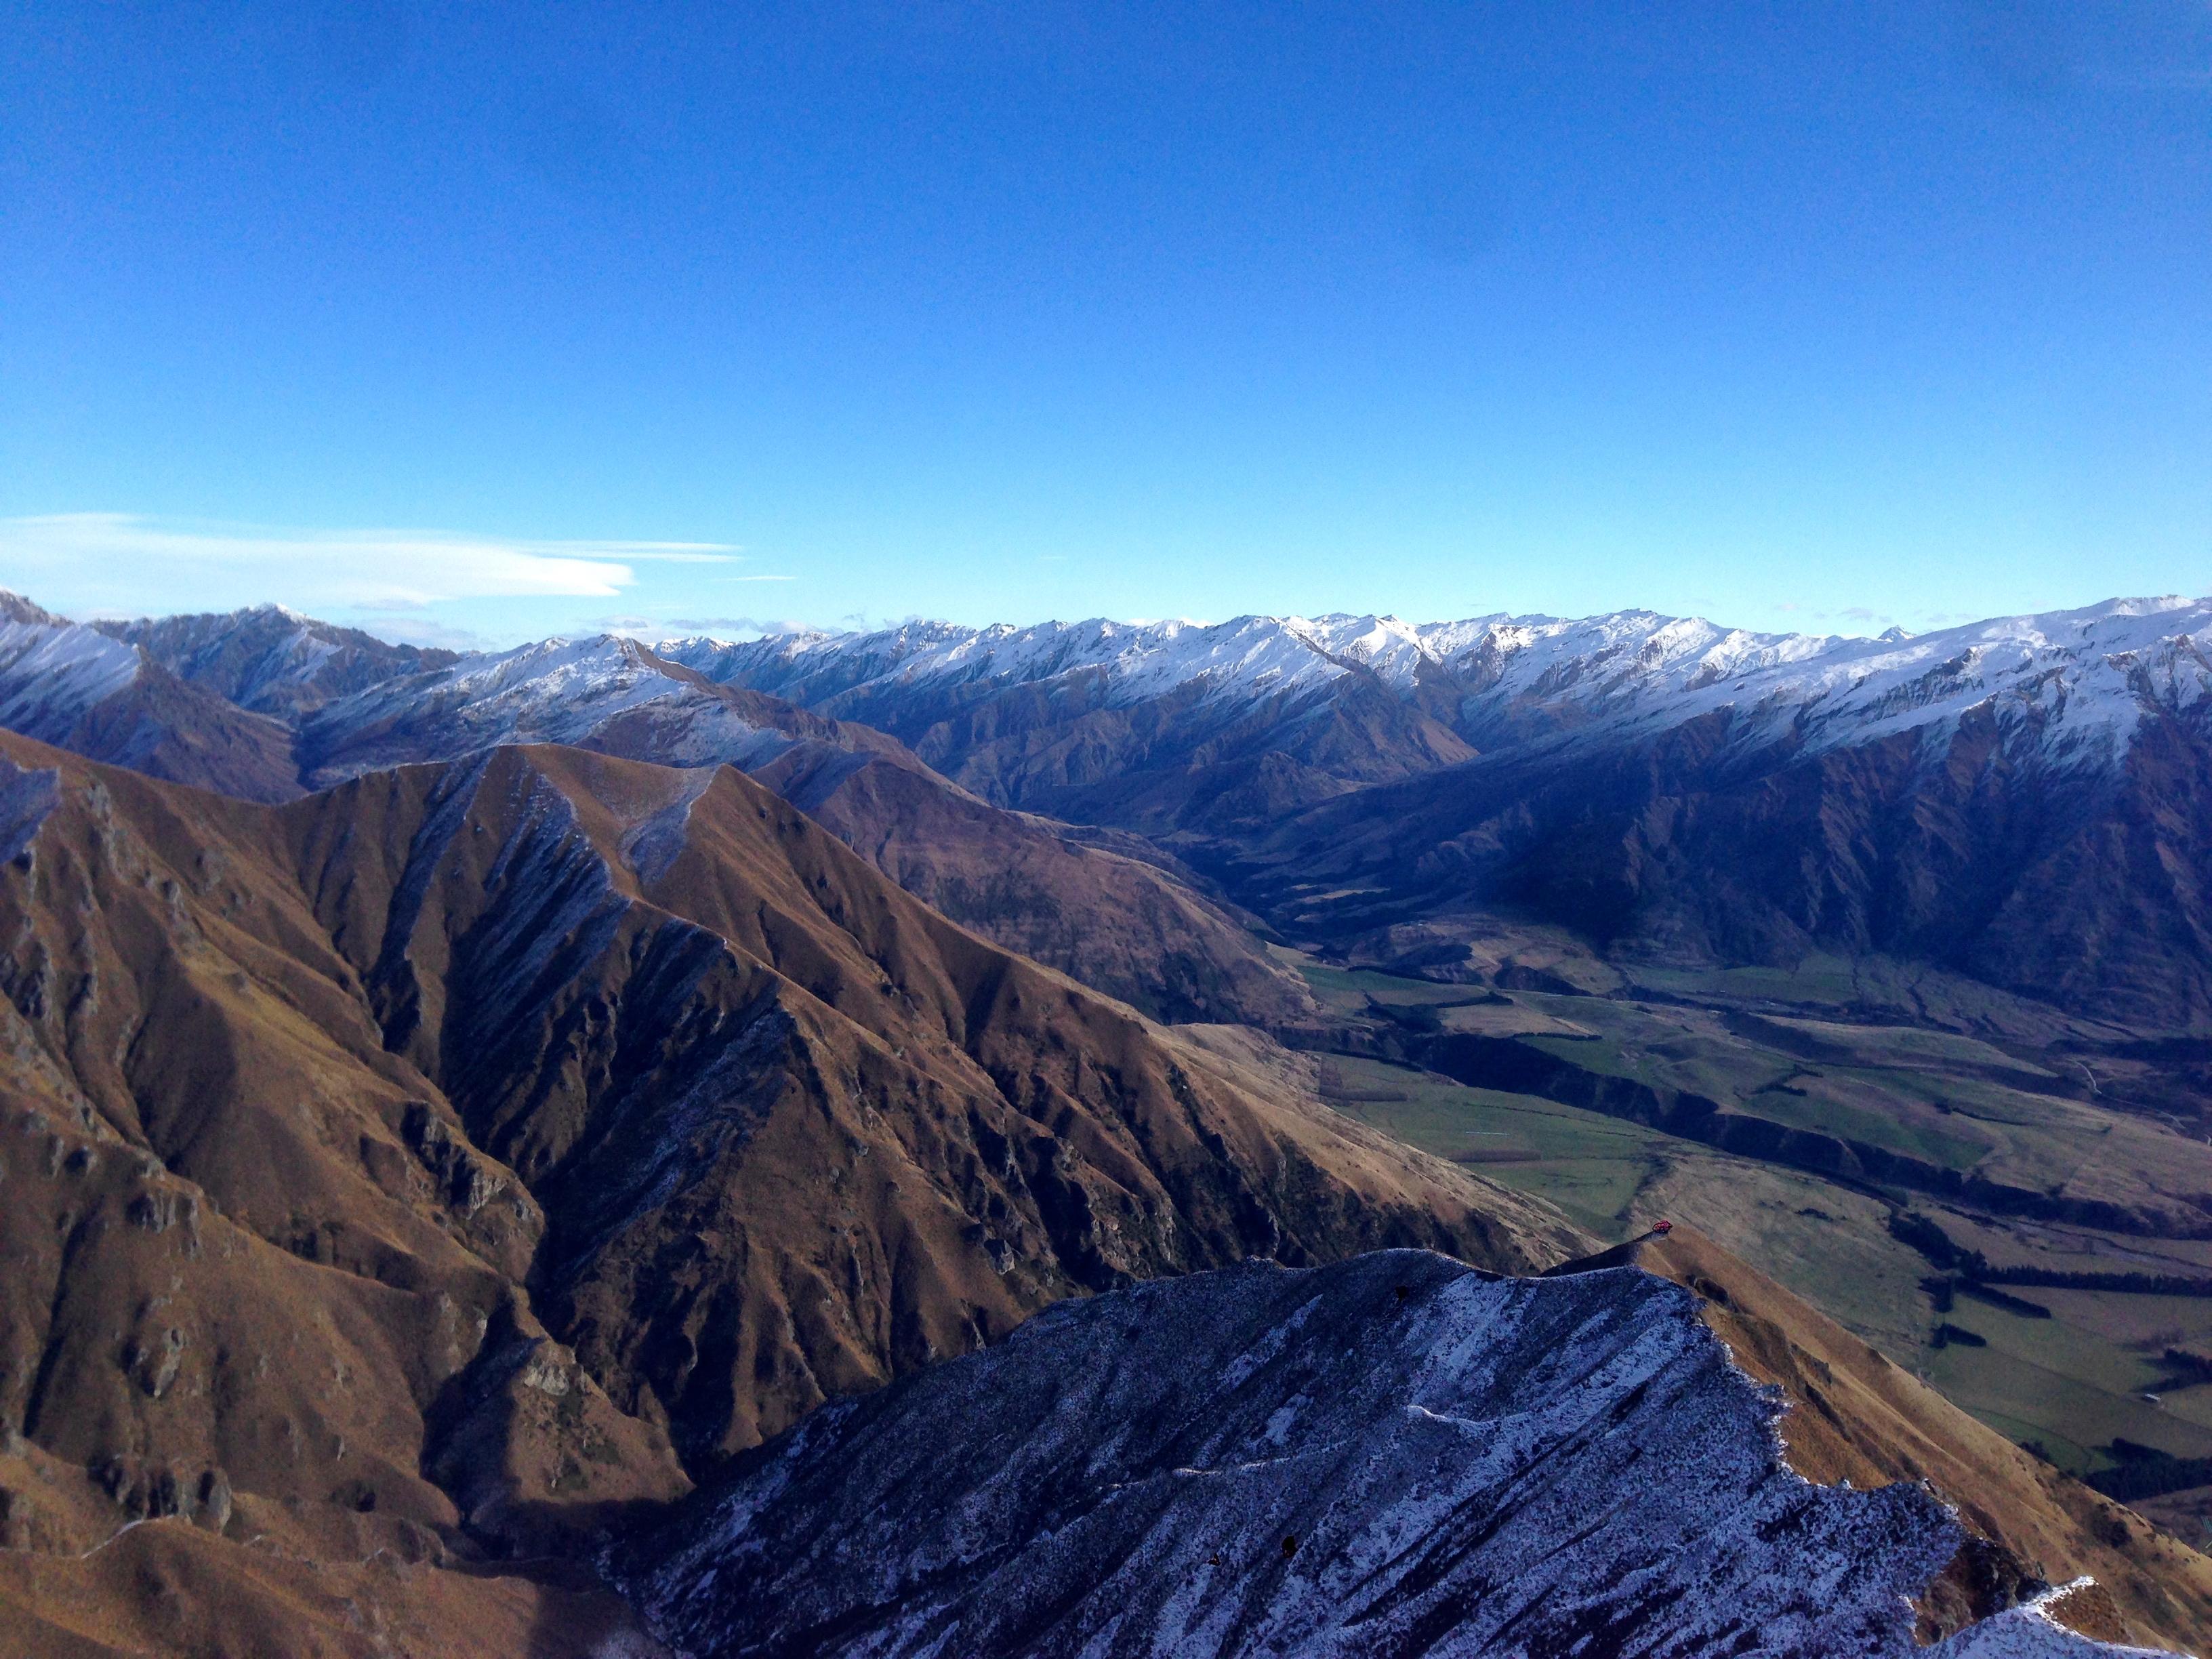 Snow on peaks at Roy's Peak